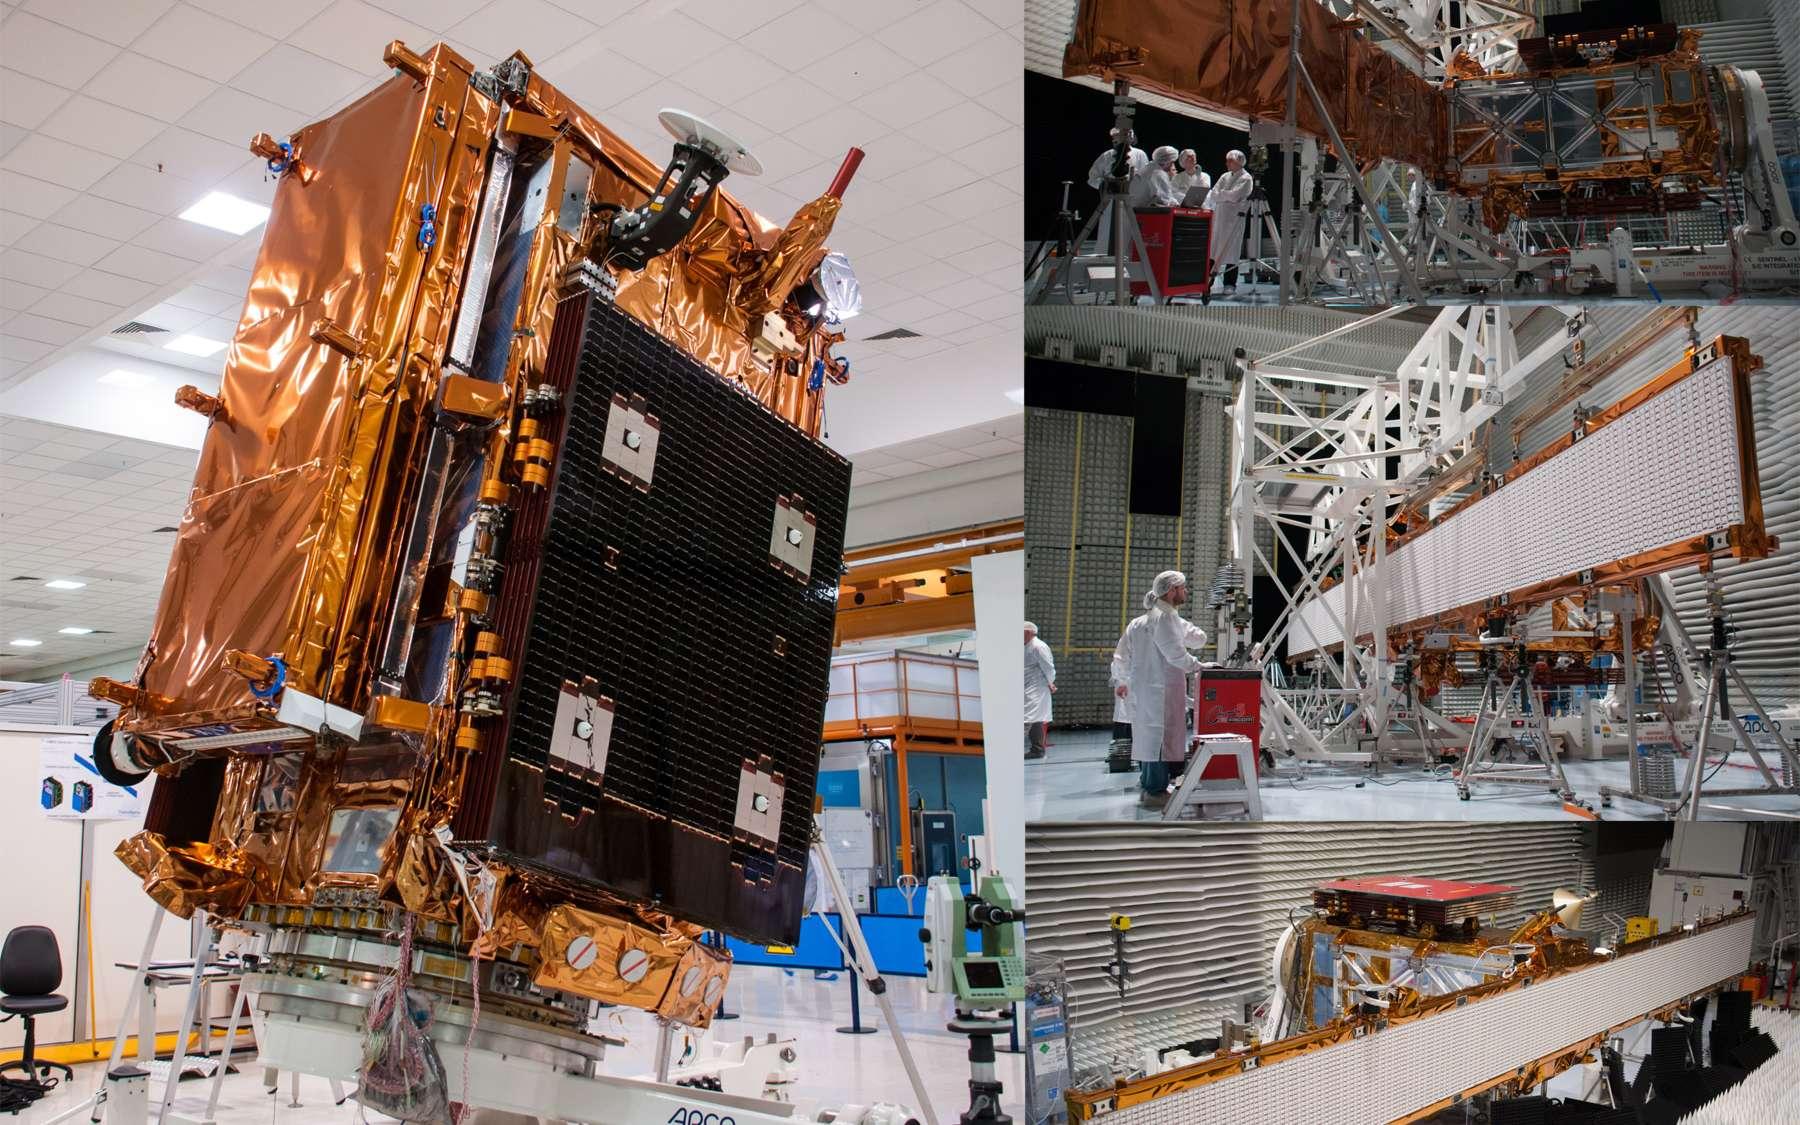 Sentinel 1A est un satellite d'imagerie radar tout temps et jour-nuit, capable d'observer à travers les nuages et la pluie à l'aide de son radar à synthèse d'ouverture en bande C. À l'image, le satellite et son radar déployé lors de ses essais de compatibilité électromagnétique dans l'usine cannoise de Thales Alenia Space (trois images de droite). © Rémy Decourt